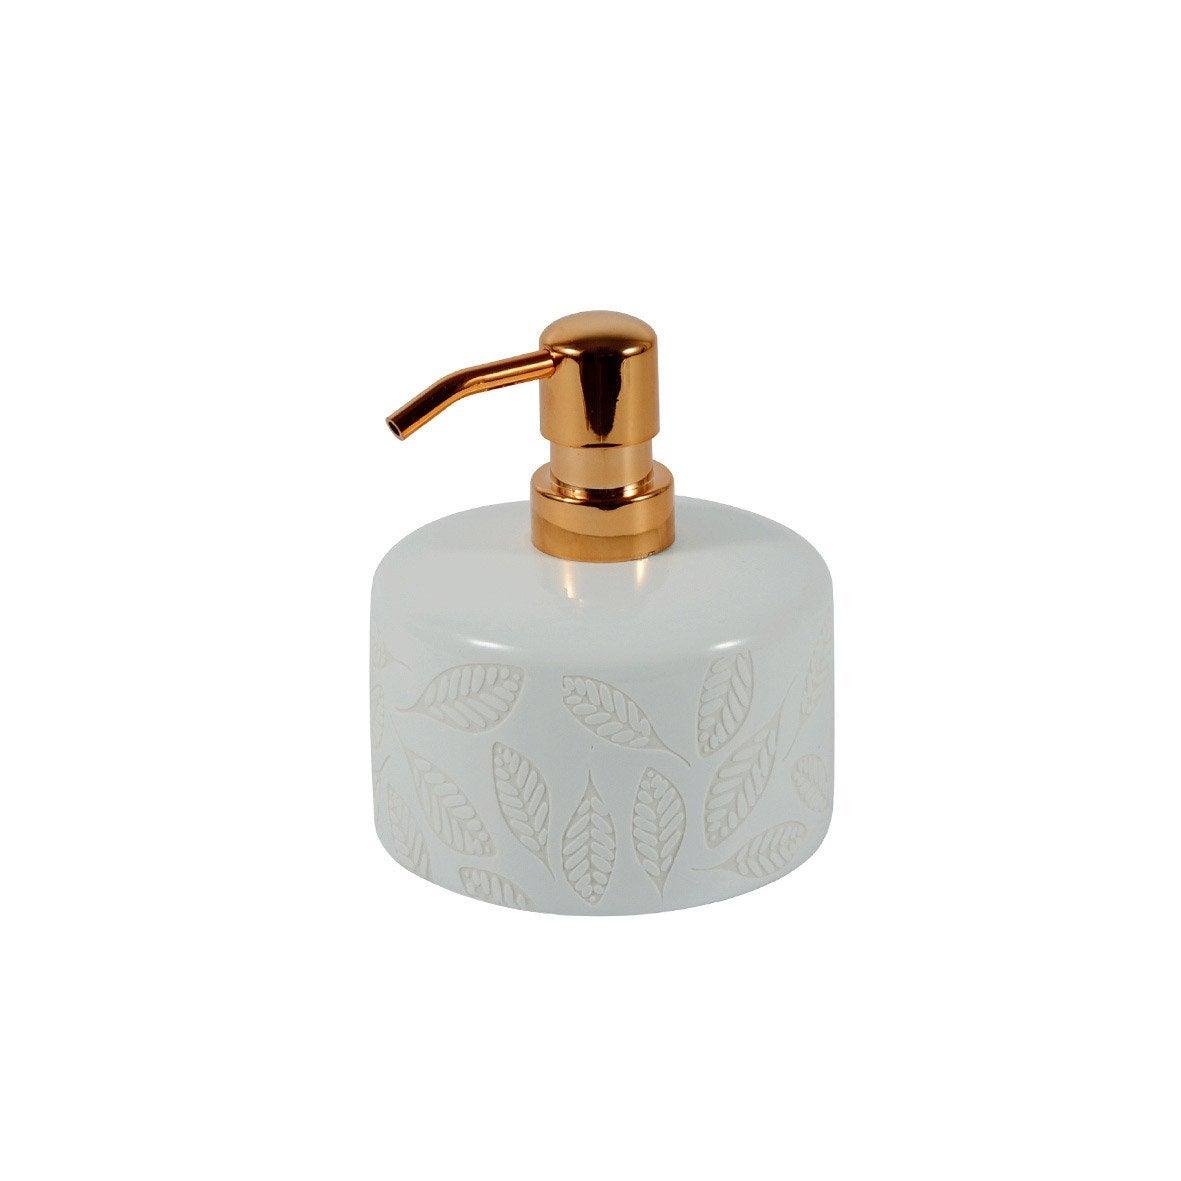 Distributeur de savon céramique Baya, blanc et cuivre